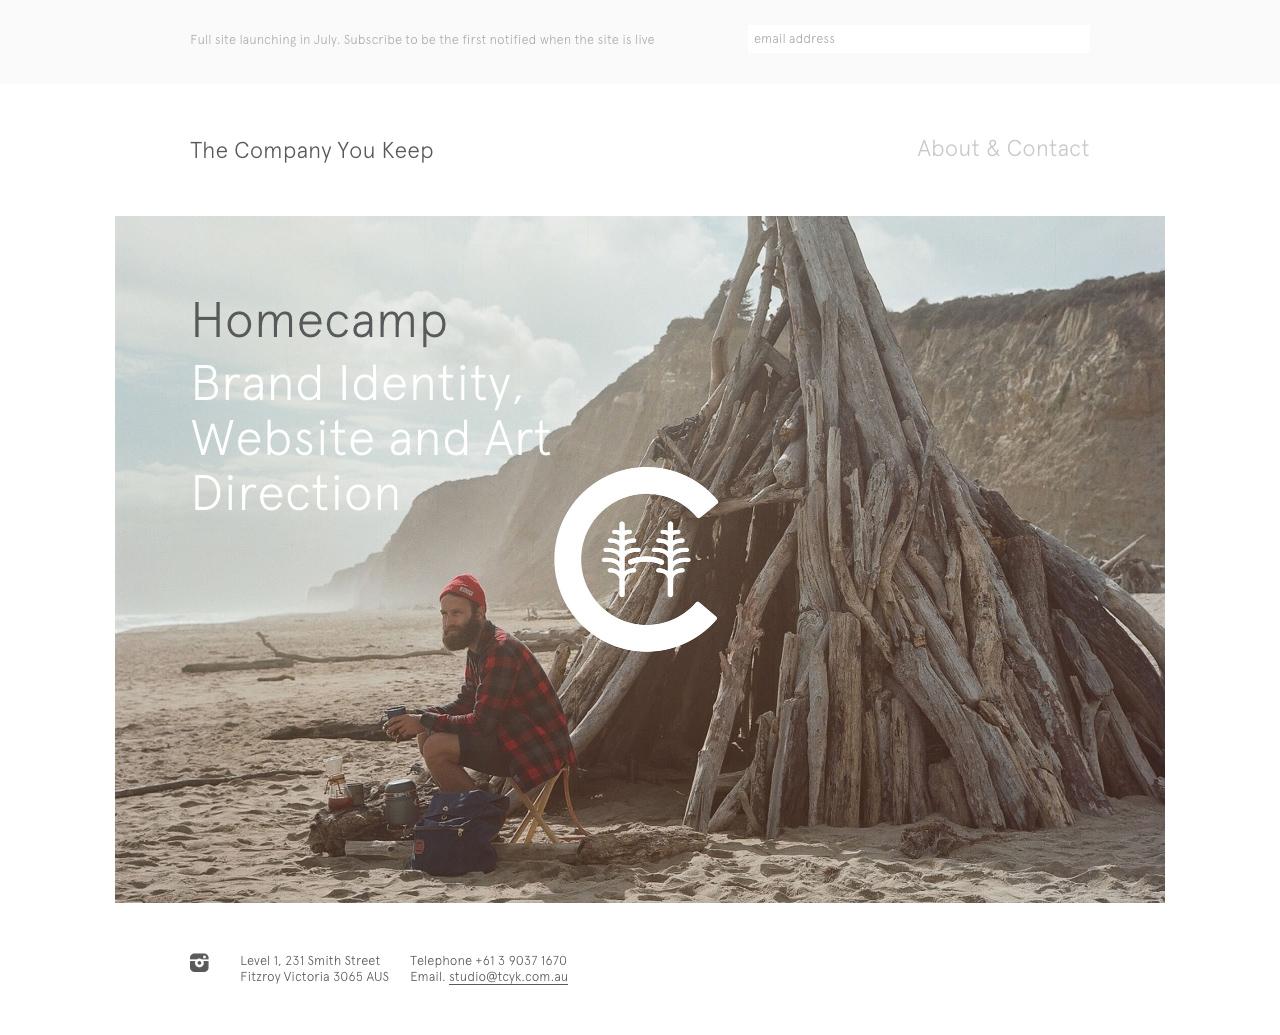 The Company You Keep Website Screenshot